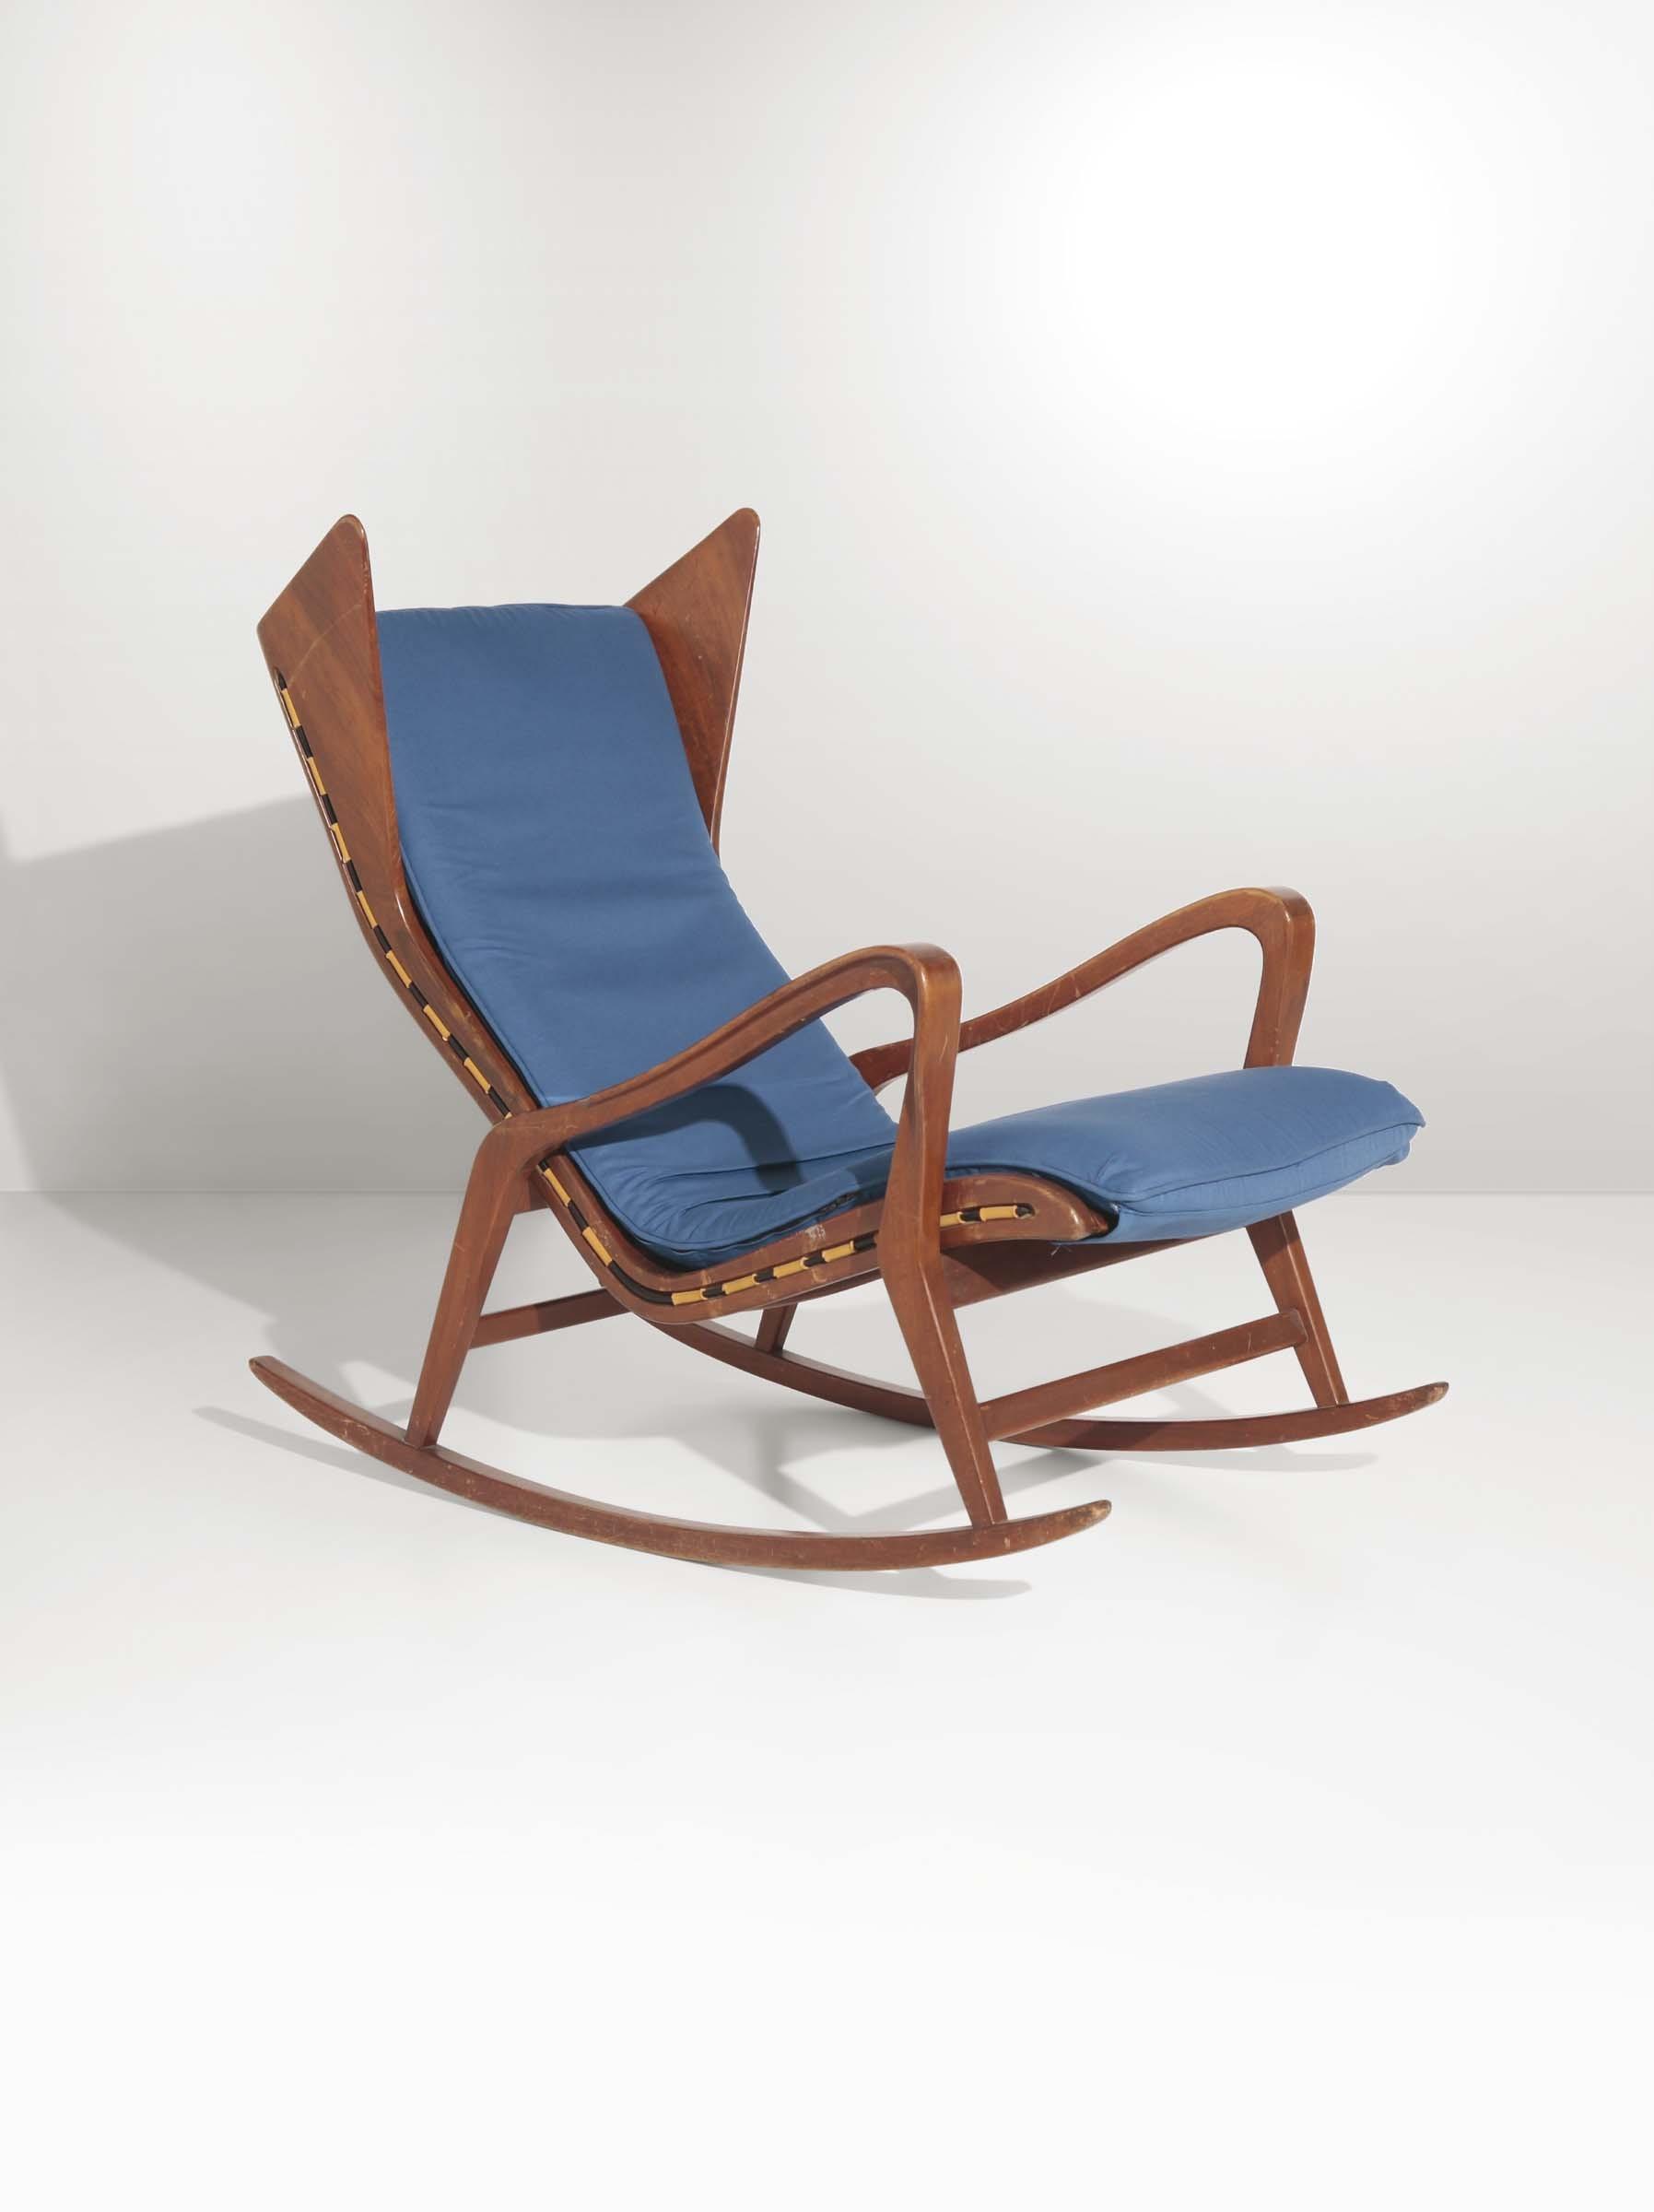 Studio cassina sedia a dondolo mod con struttura in legno e